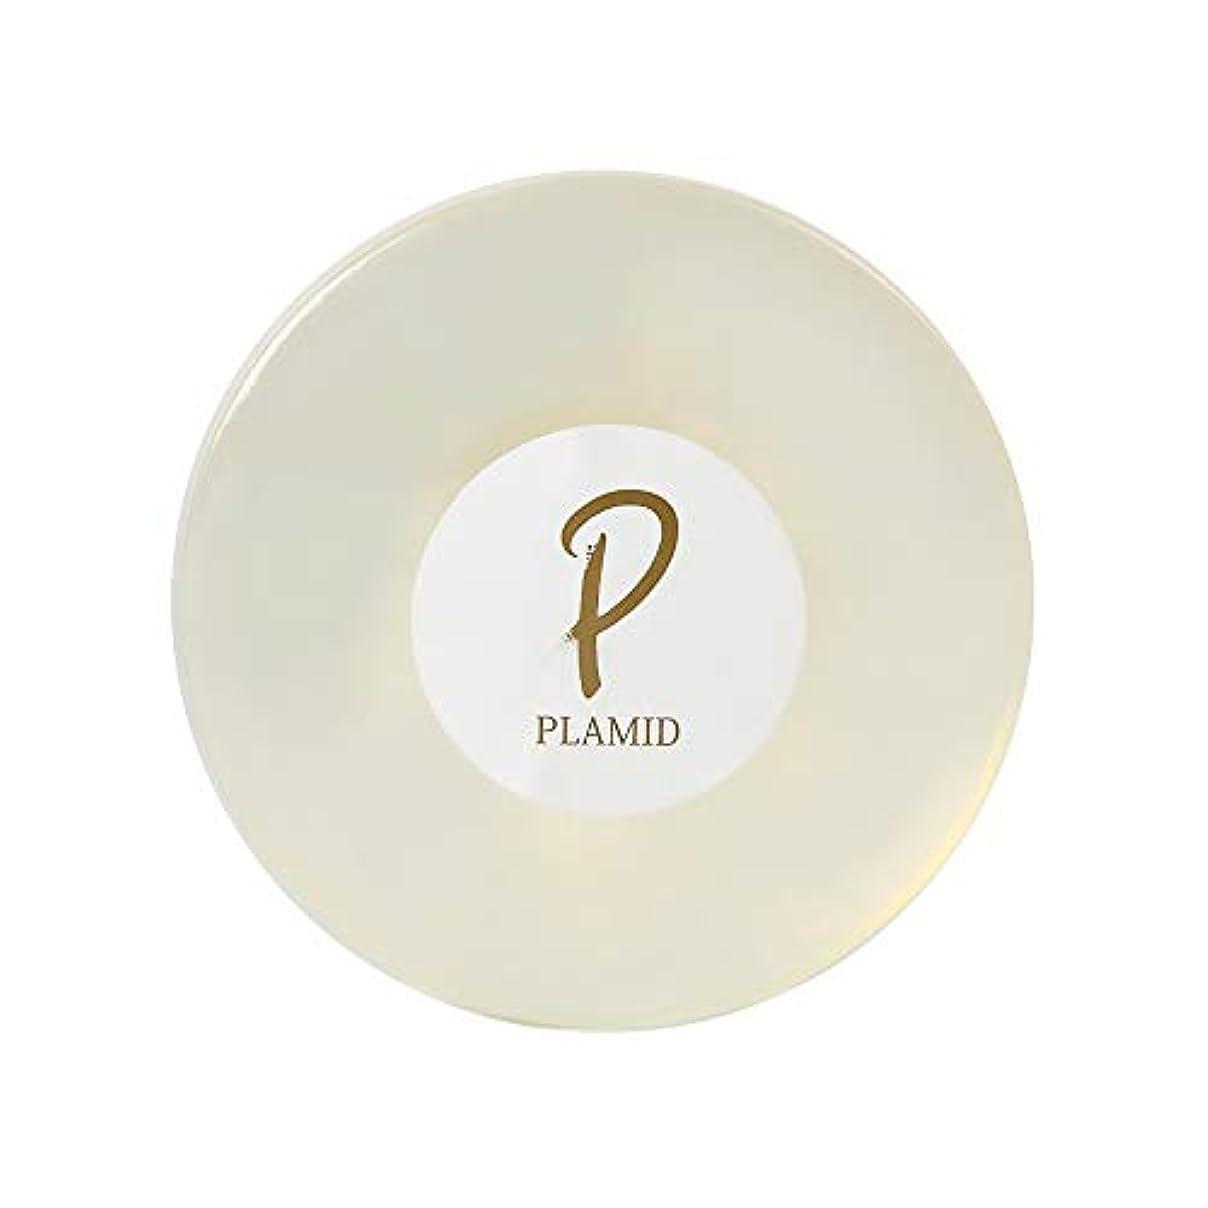 PLAMID プラミドクリスタルソープ(90g)馬プラセンタ配合 透明洗顔石鹸 ROTTS ロッツ